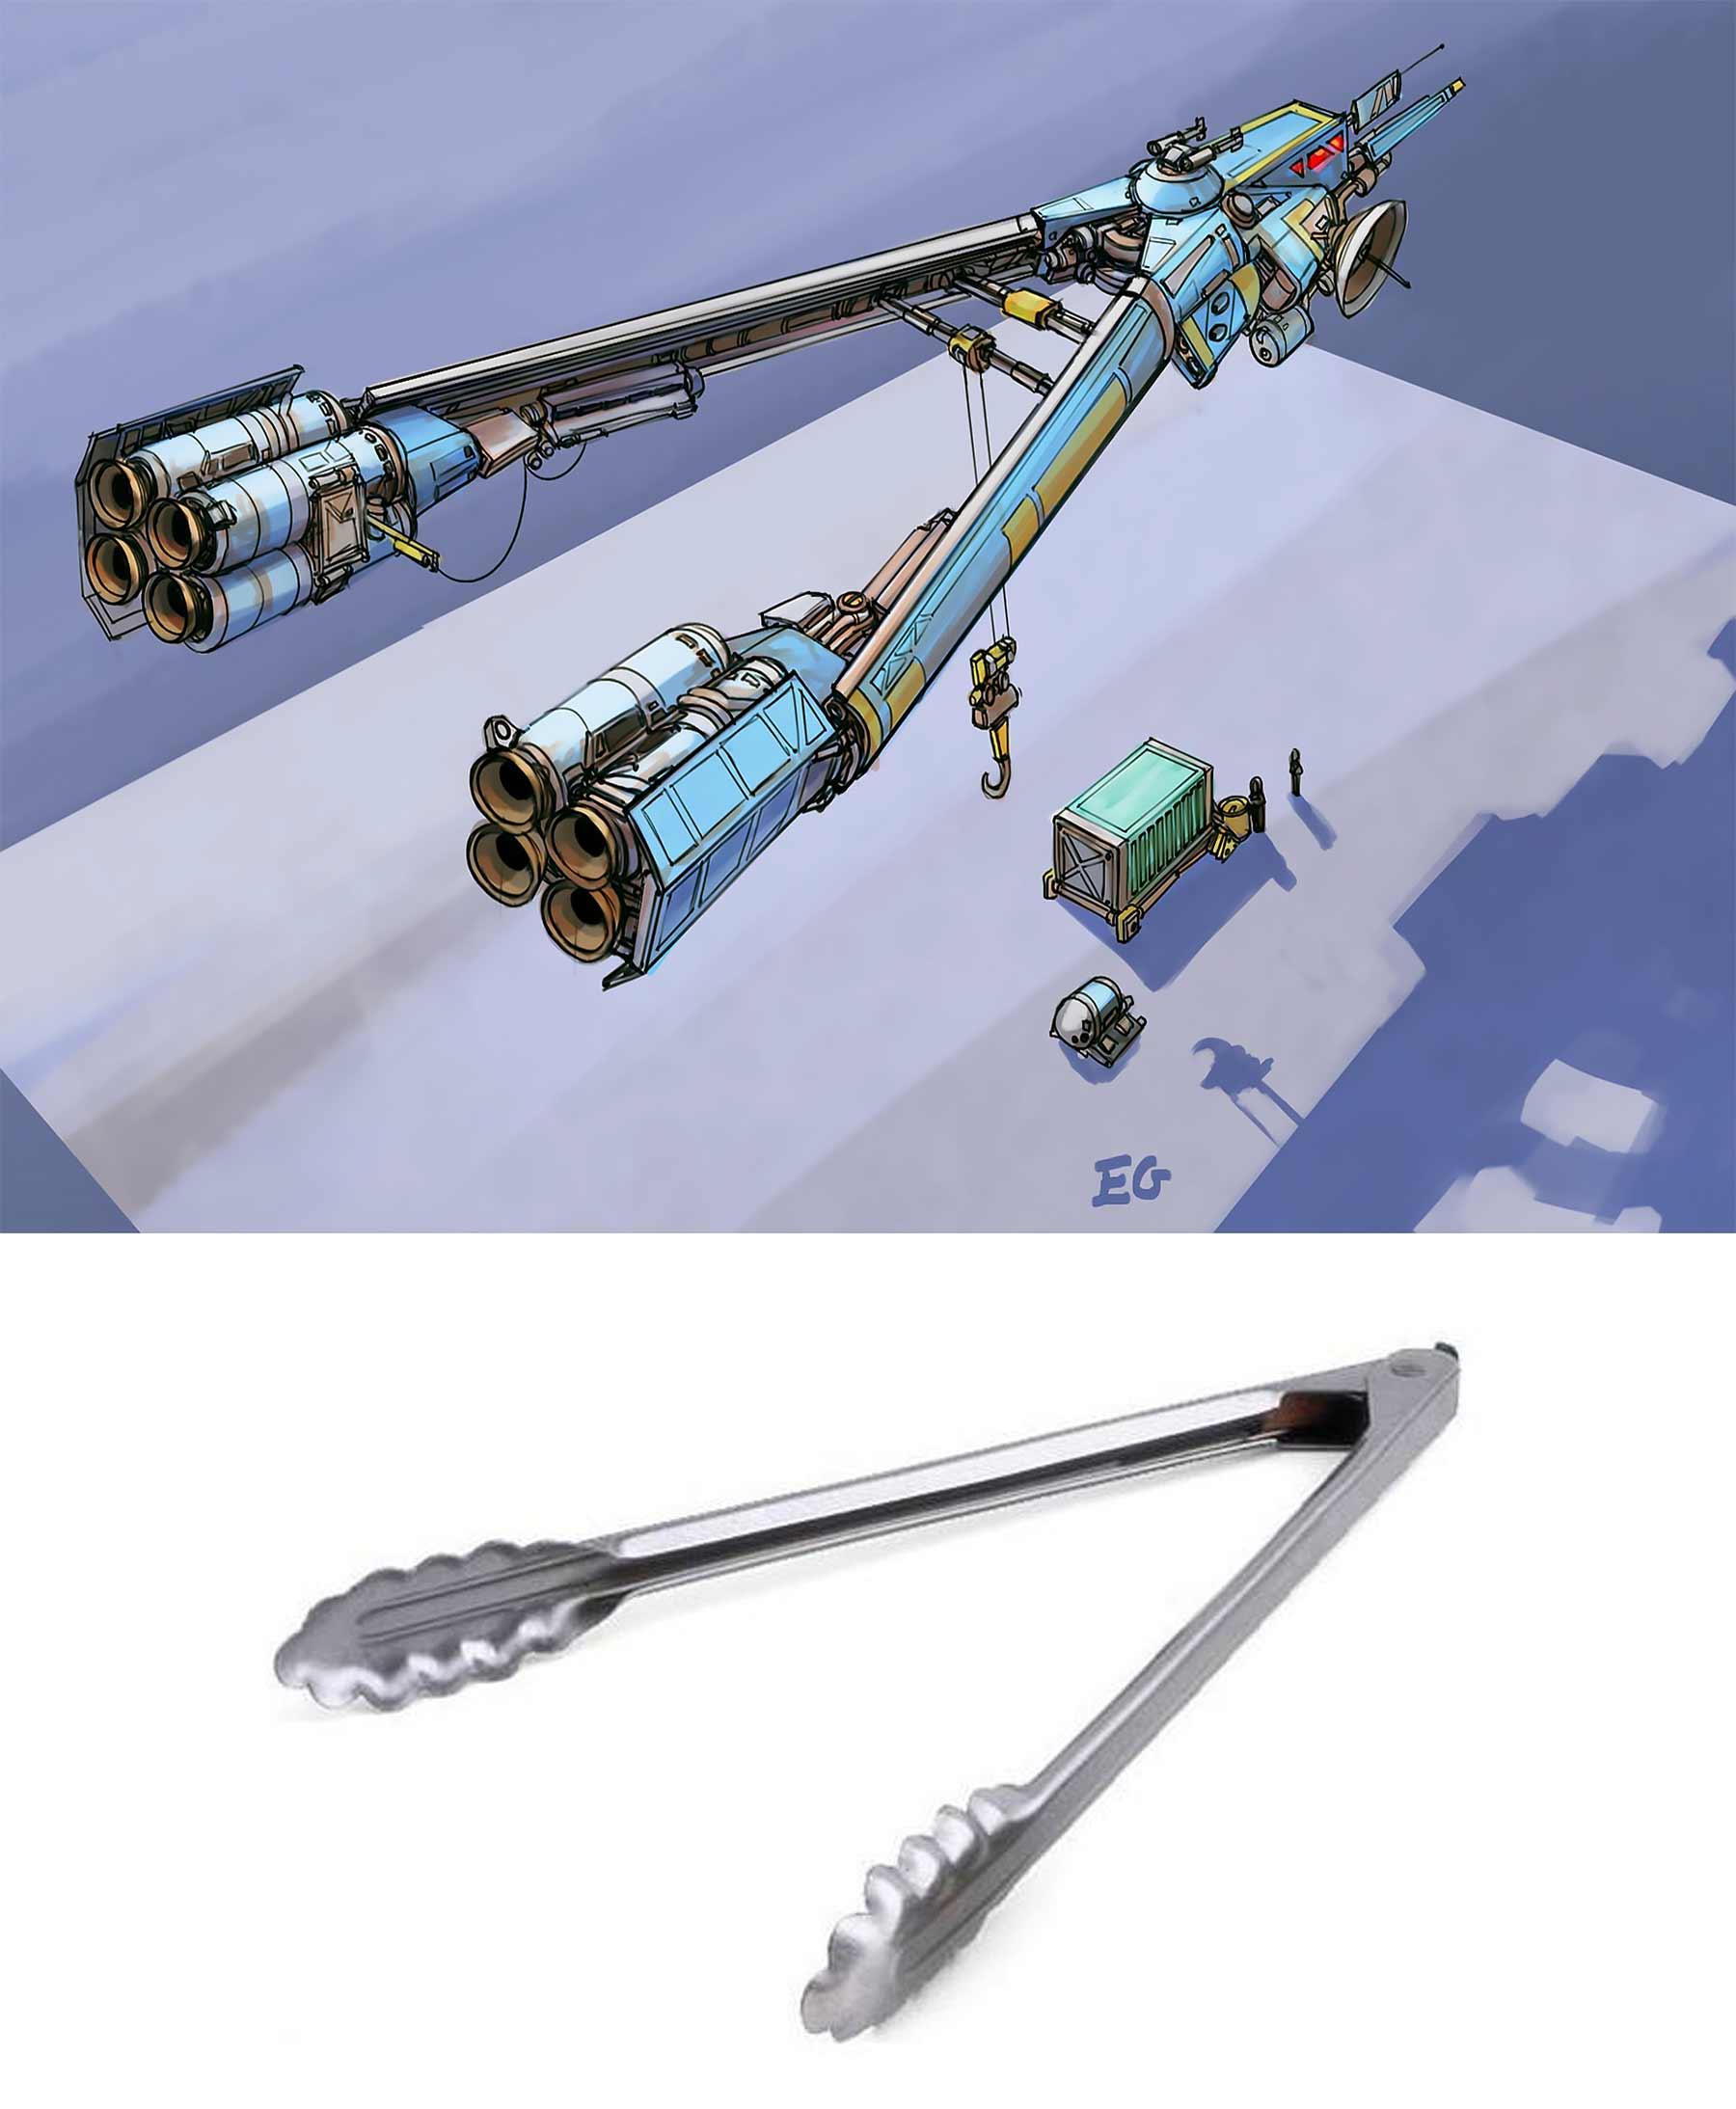 Aus langweiligen Alltagsgegenständen werden futuristische Raumschiffe Eric-Geusz_05